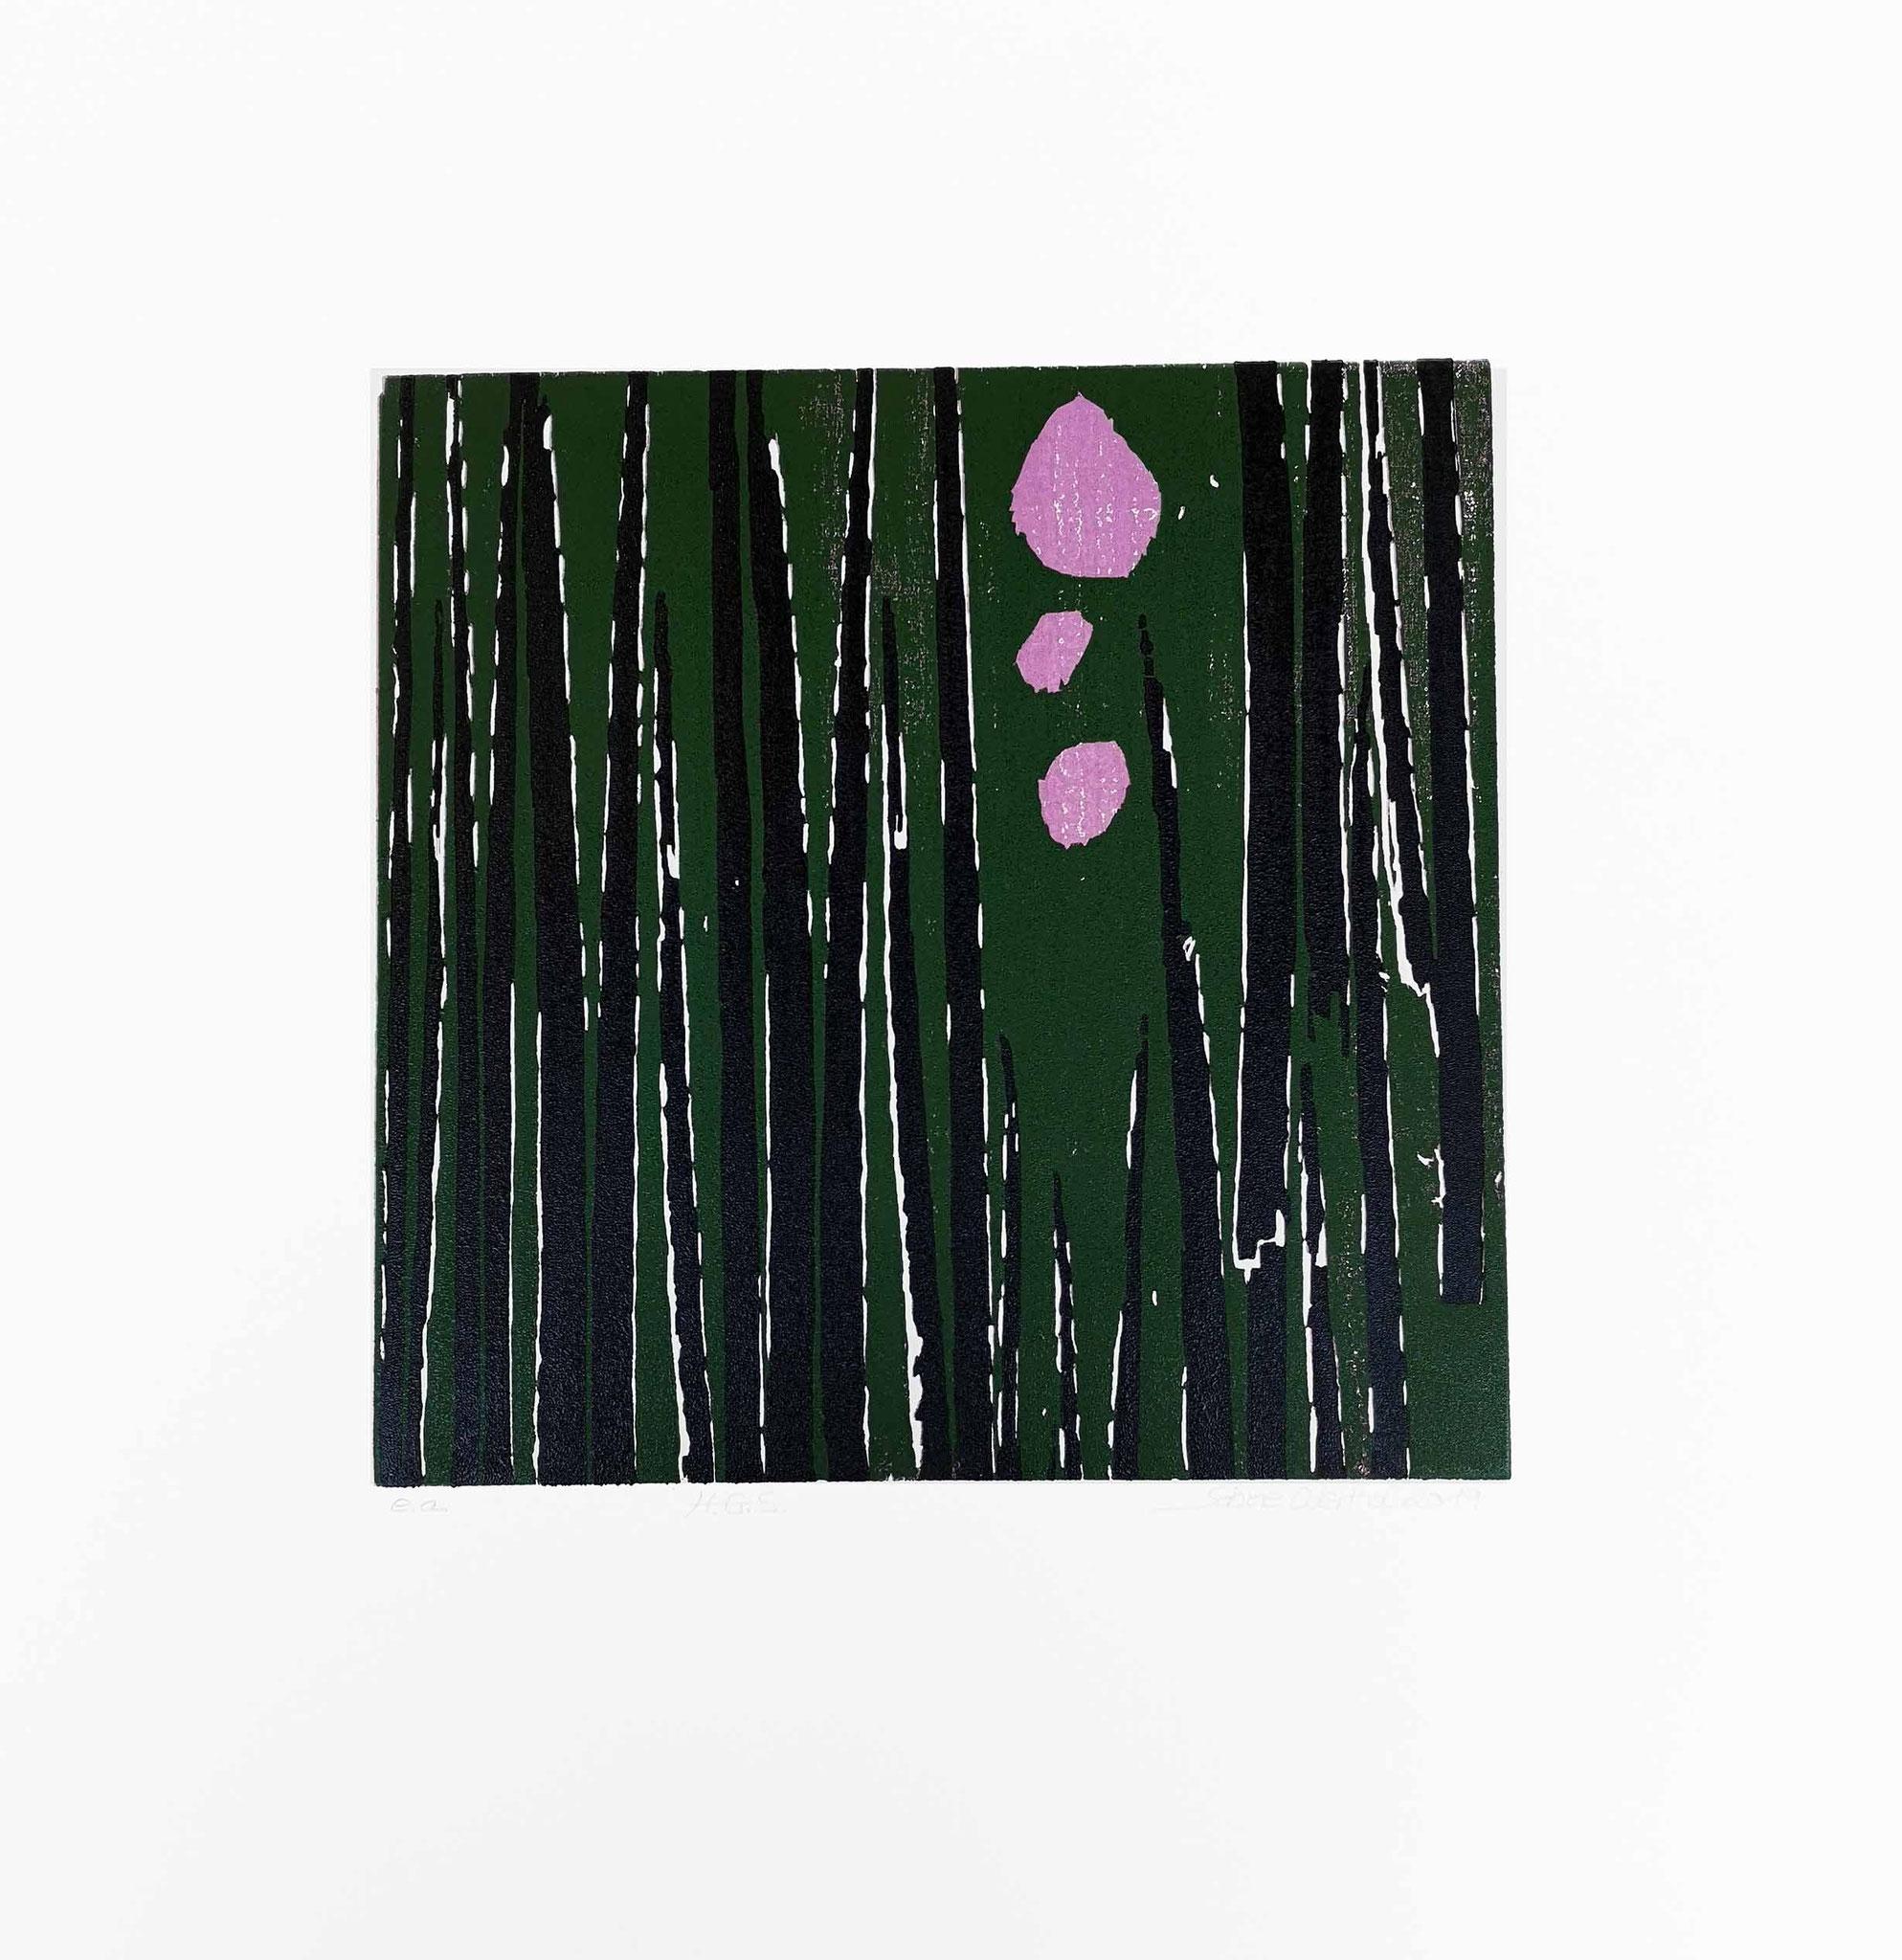 """""""H.G.S""""  Pflanzen Abstraktion  Farbholzschnitt 2019  26 cm x 26 cm  auf 50 cm x 50 cm"""